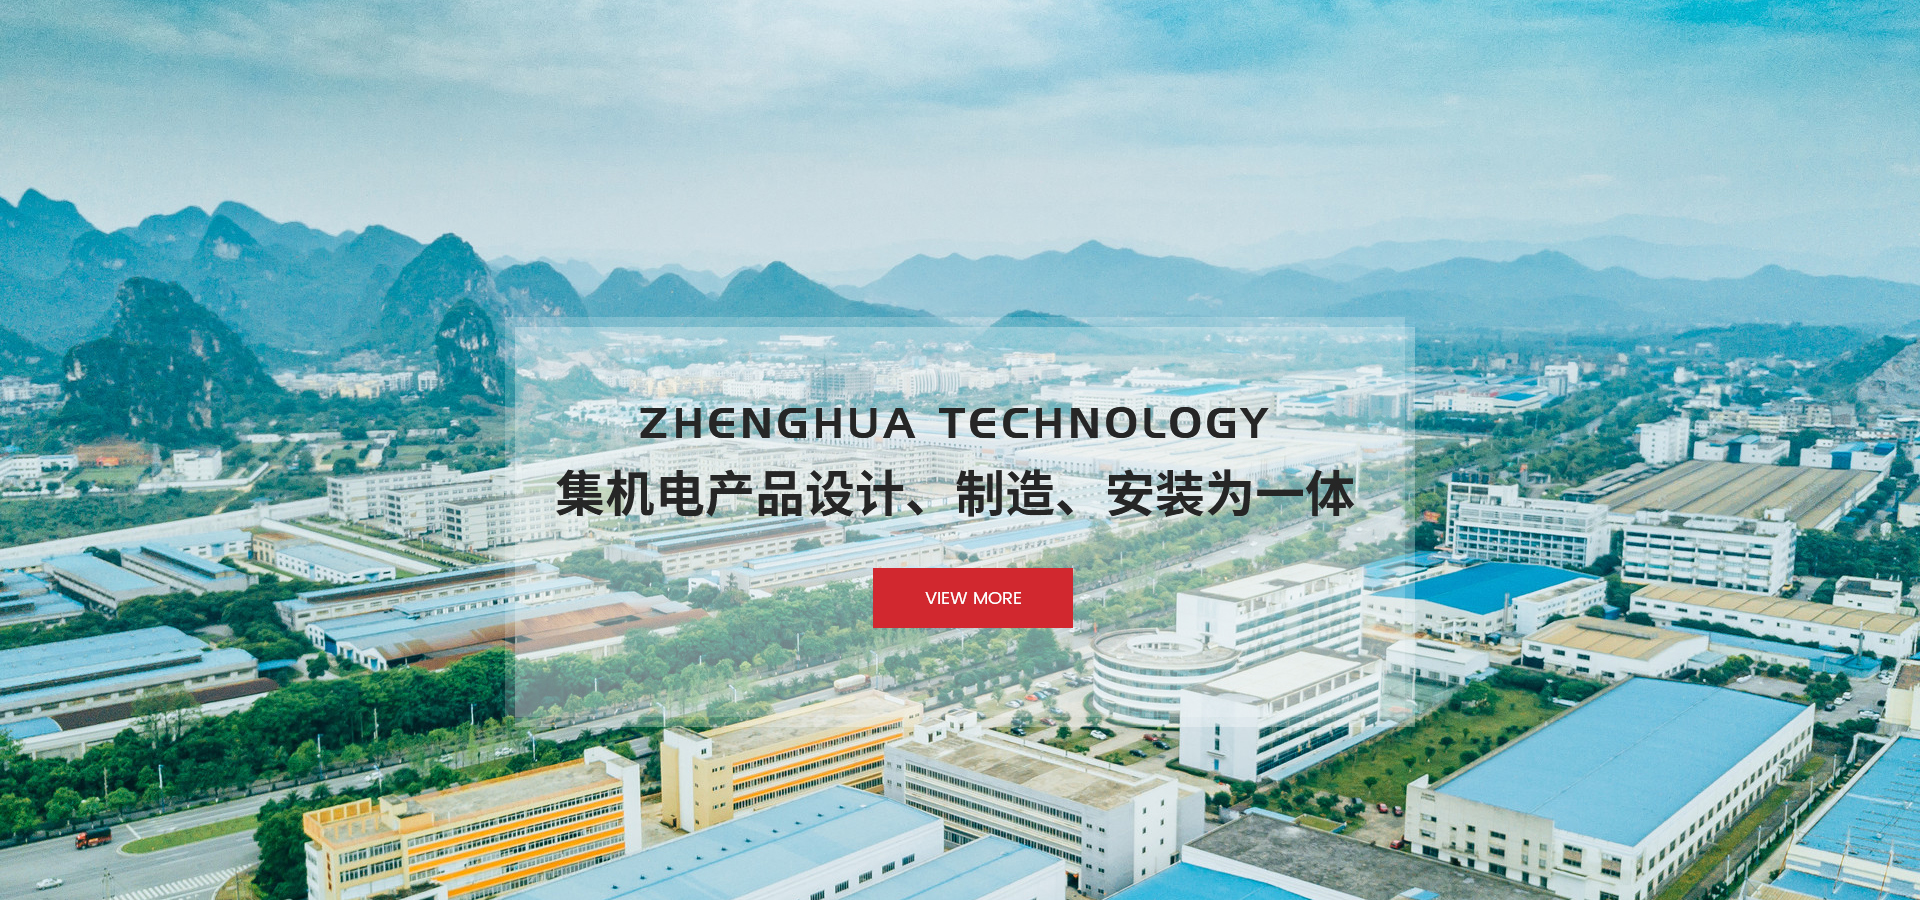 江苏正华机电科技有限公司